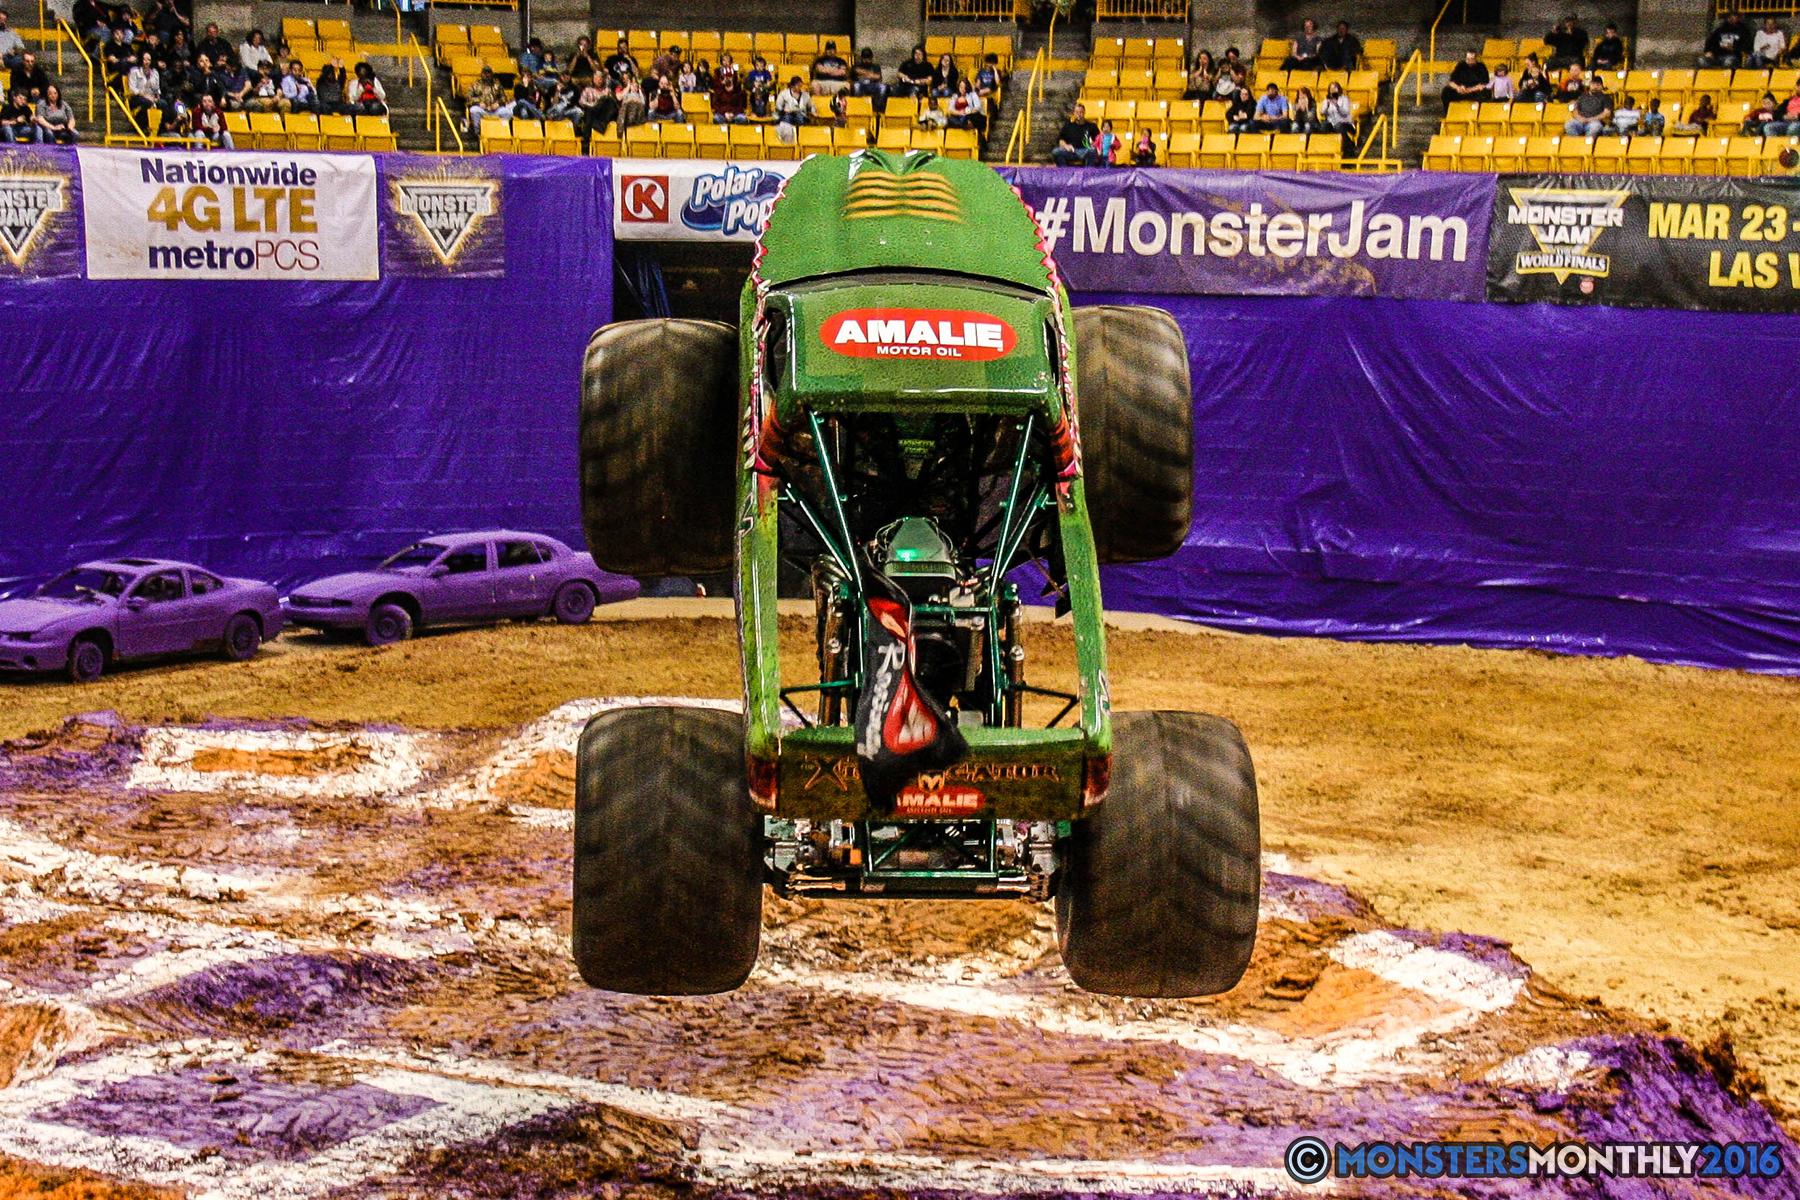 23-monster-jam-utc-mckenzie-arena-chattanooga-tennessee-monstersmonthly-monster-truck-race-gravedigger-monstermutt-xtermigator-razin-kane-doomsday-captainscurse-2016.jpg